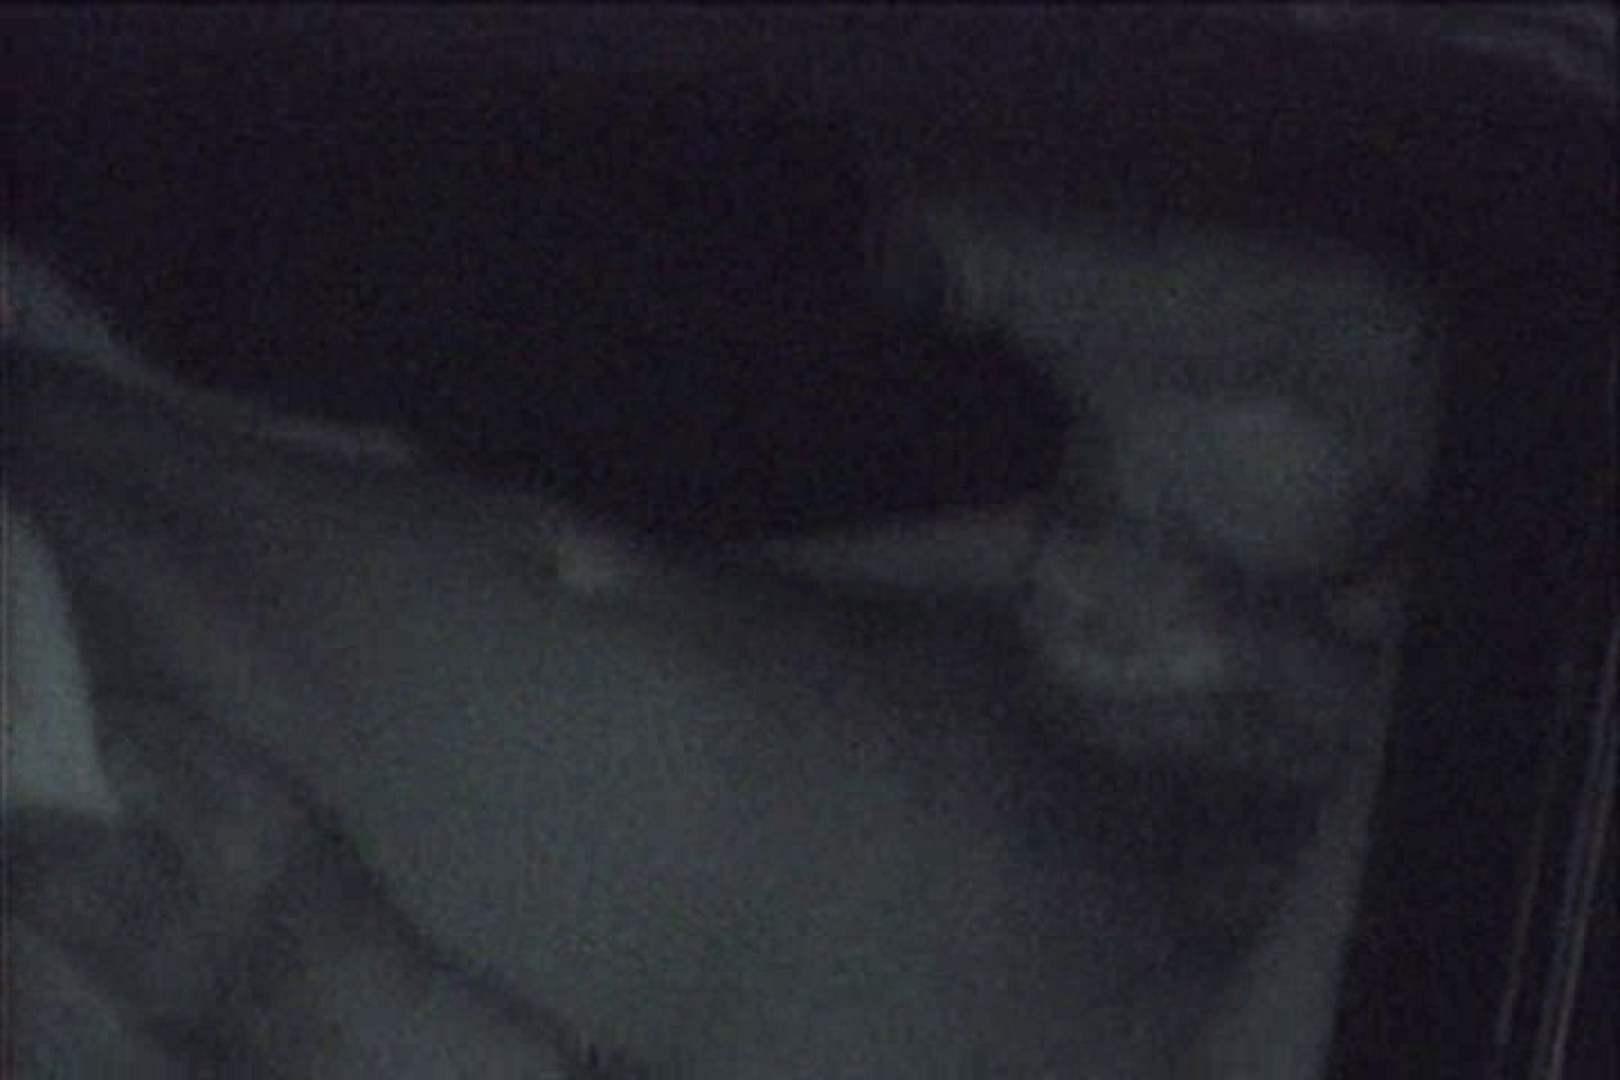 車の中はラブホテル 無修正版  Vol.16 ラブホテル SEX無修正画像 52連発 10